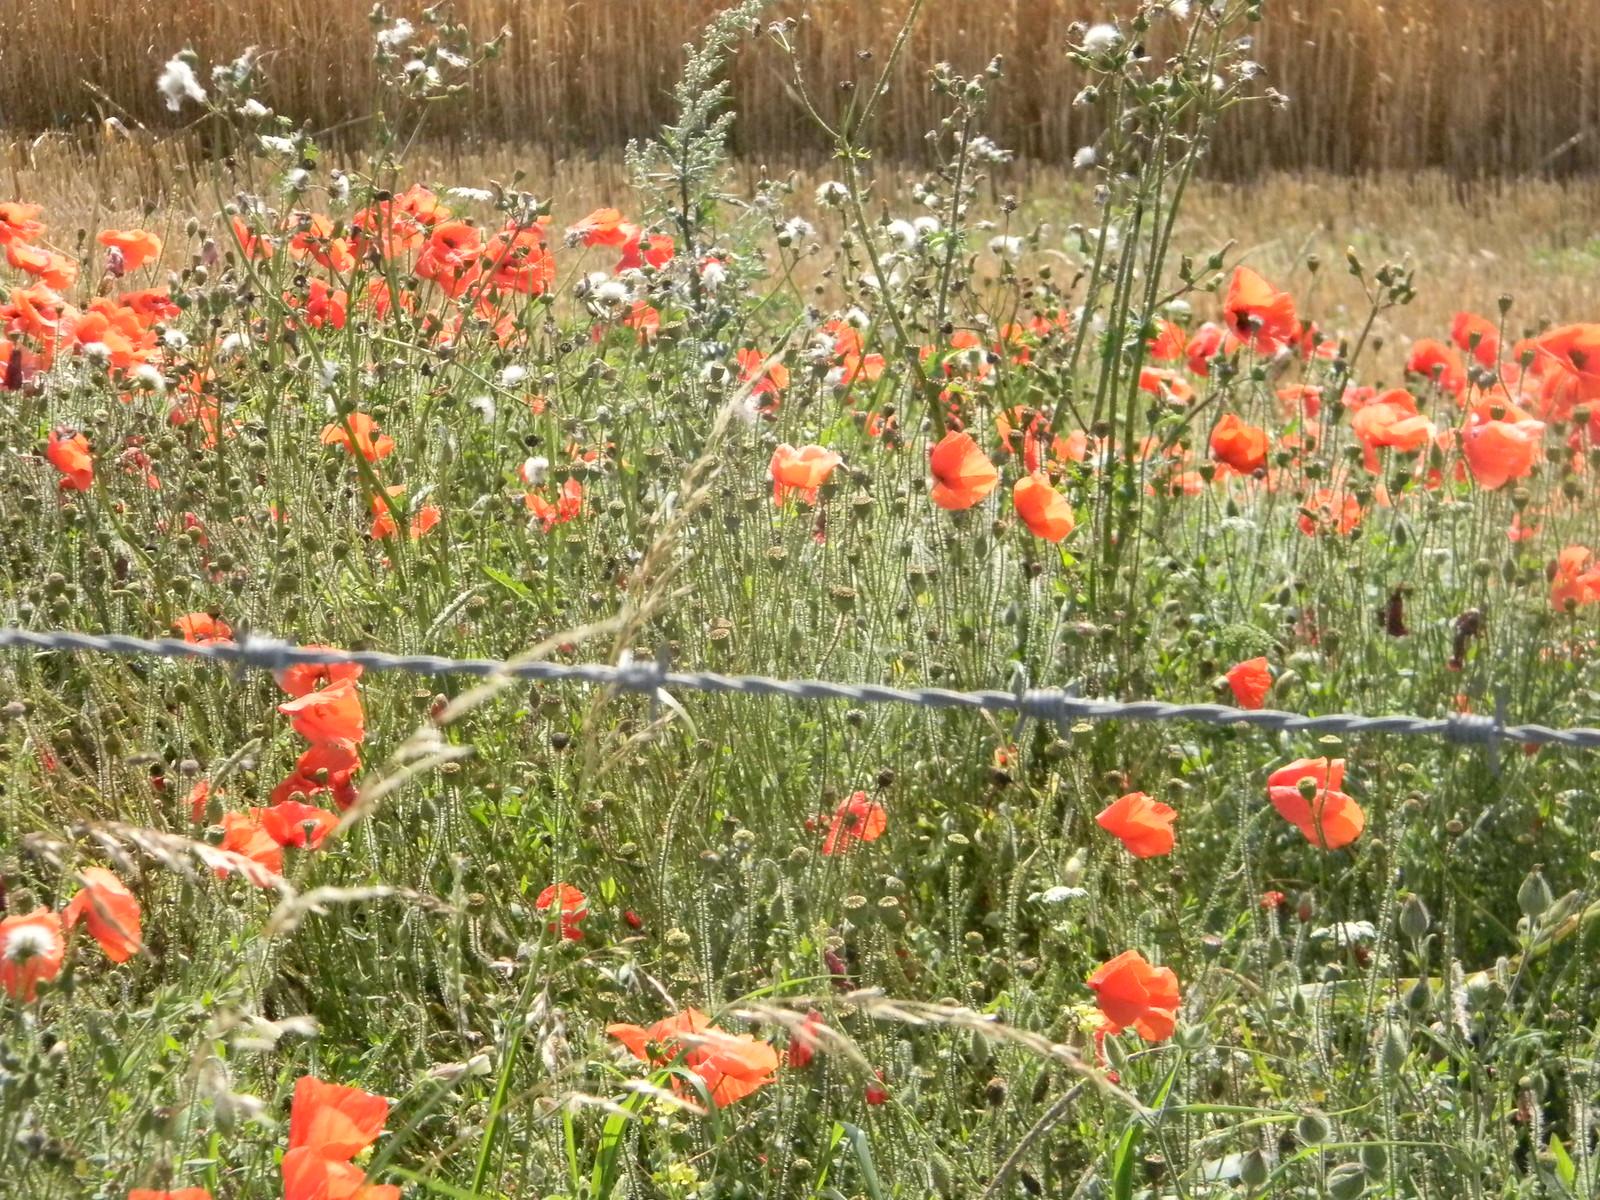 Poppies Amberley to Shoreham